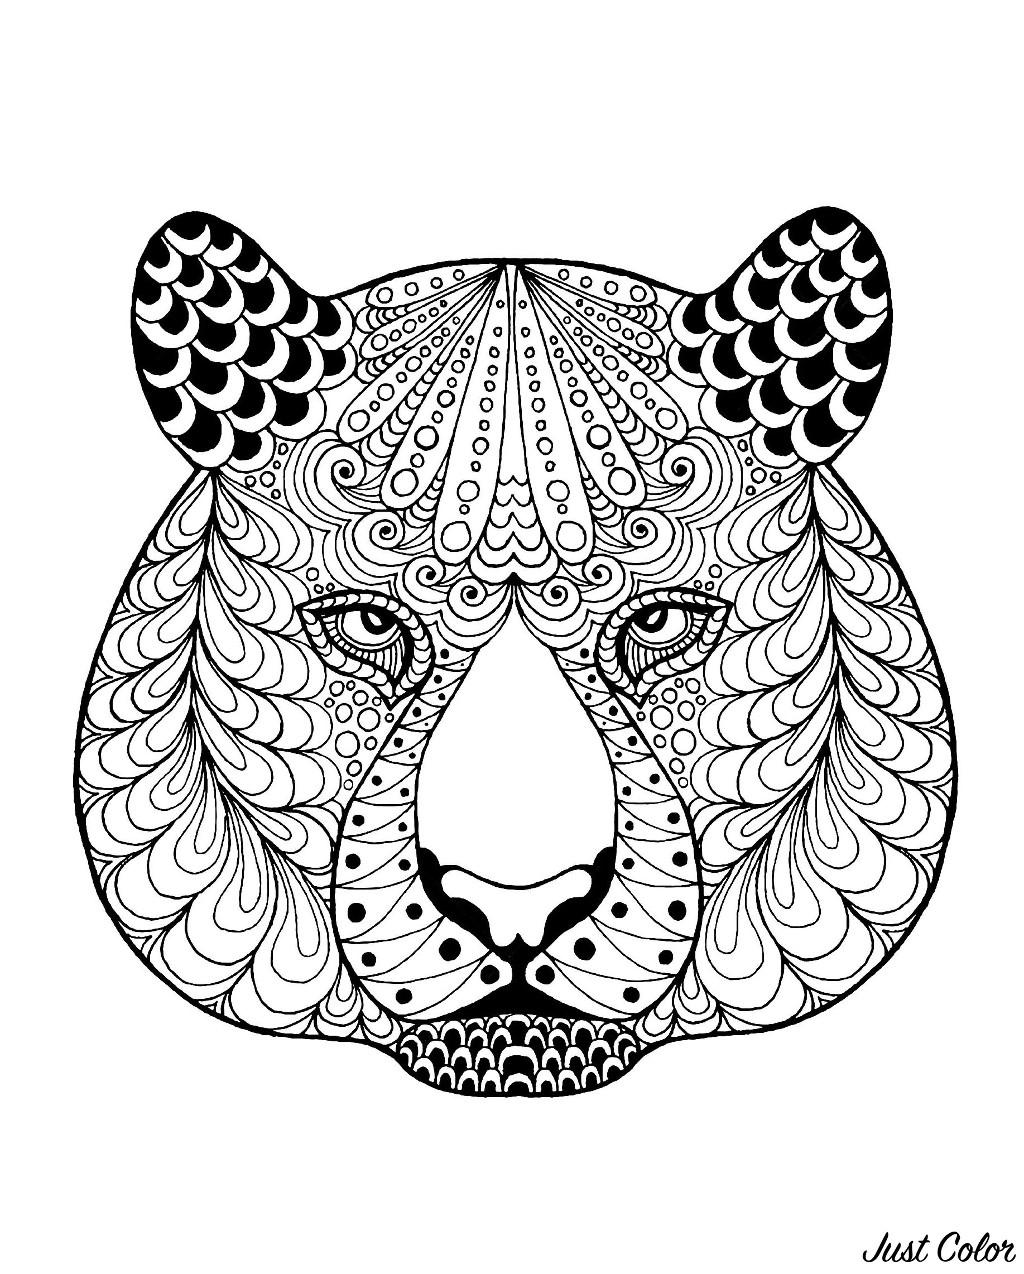 Coloriage De Tigre À Telecharger Gratuitement - Coloriage pour Coloriage À Peindre À Imprimer